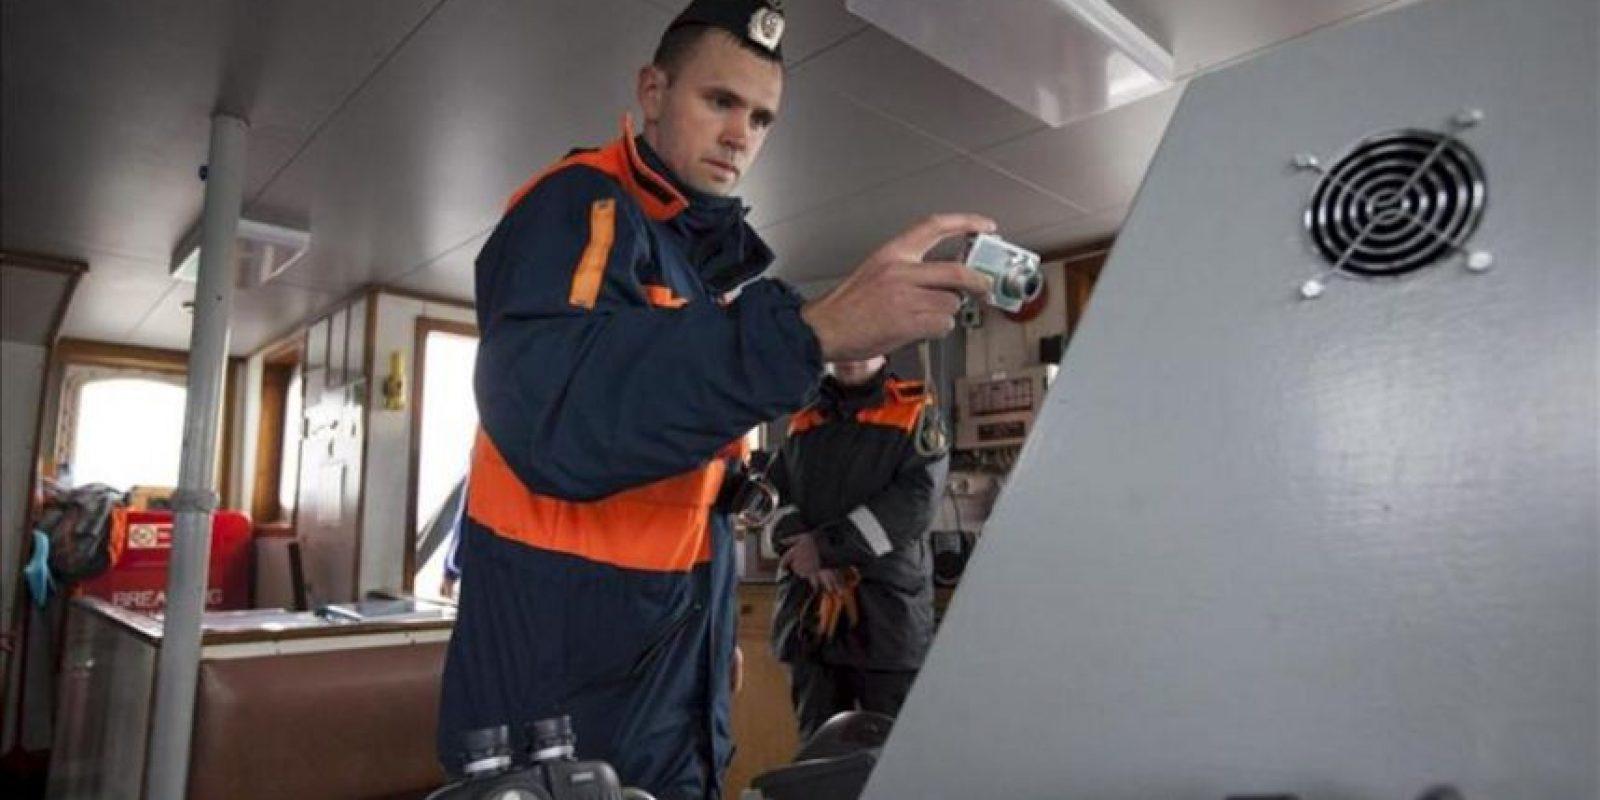 Fotografía facilitada por Greenpeace que muestra a un agente de la guardia fronteriza rusa tomando fotografías a bordo del rompehielos de Greenpeace en el Océano Ártico. EFE/Will Rose